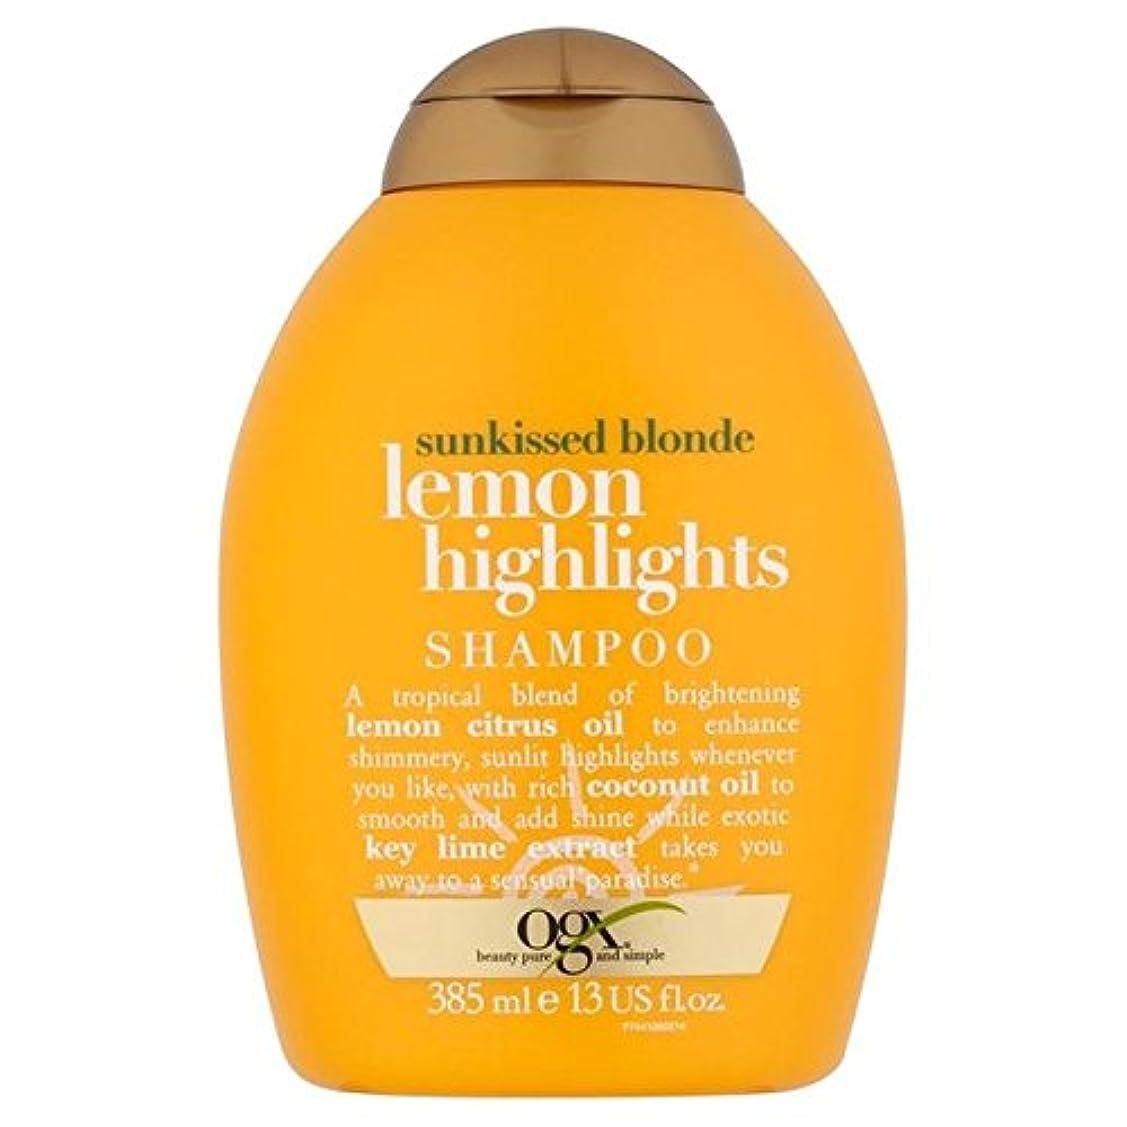 ピンクポインタ食い違いOgx Blonde Lemon Highlights Shampoo 385ml - ブロンドレモンハイライトシャンプー385ミリリットル [並行輸入品]